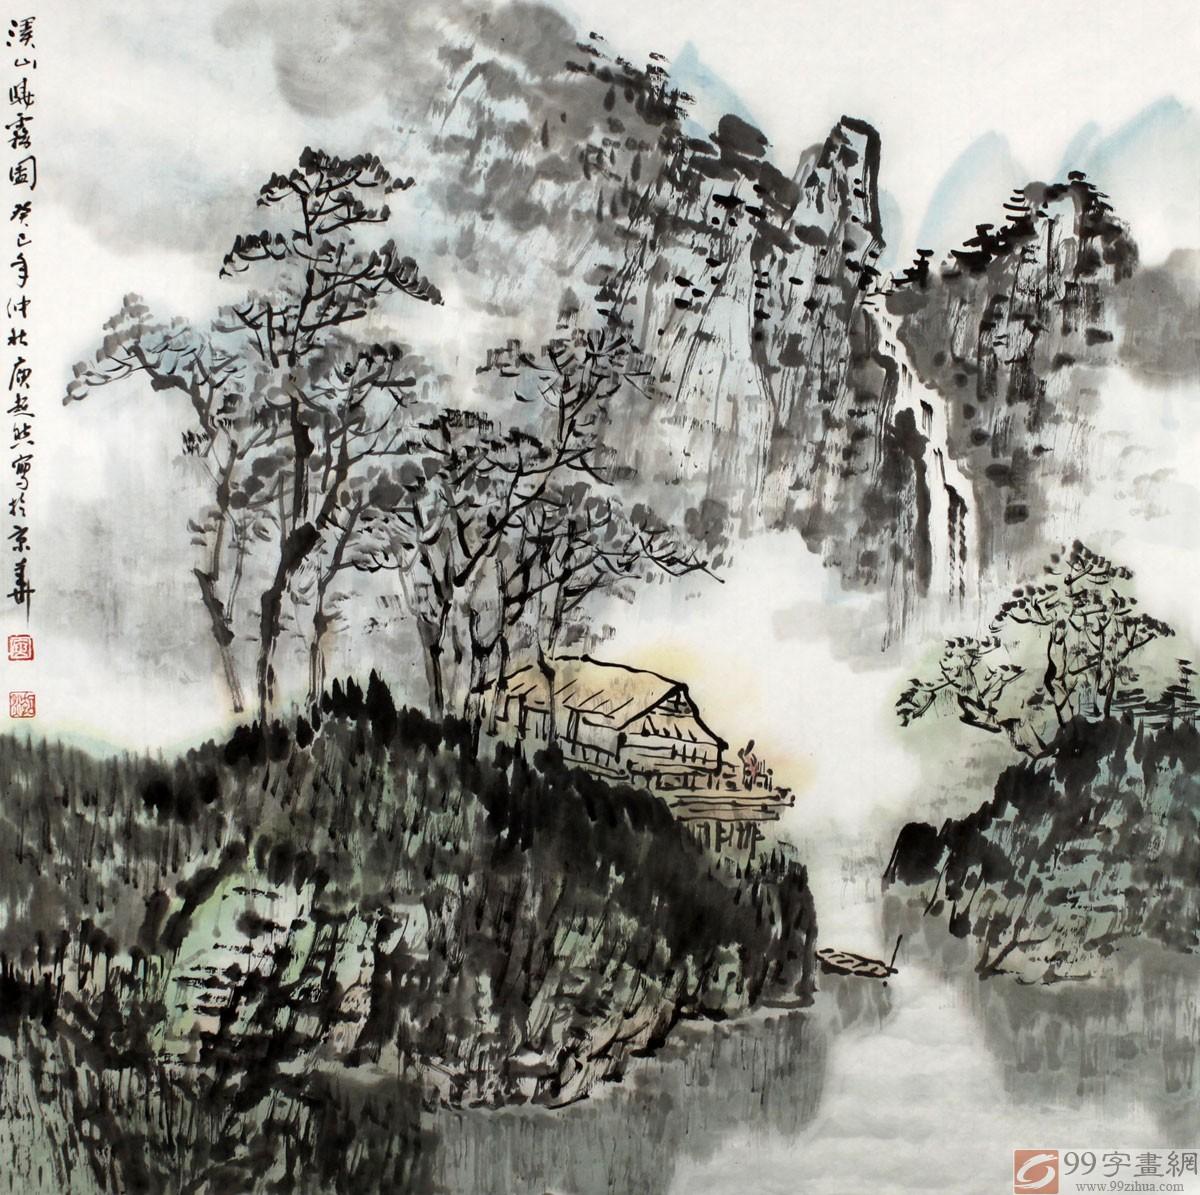 线条和丰富多变的笔墨描绘的山川河流意境深远,树木饱含生机,房屋坐落